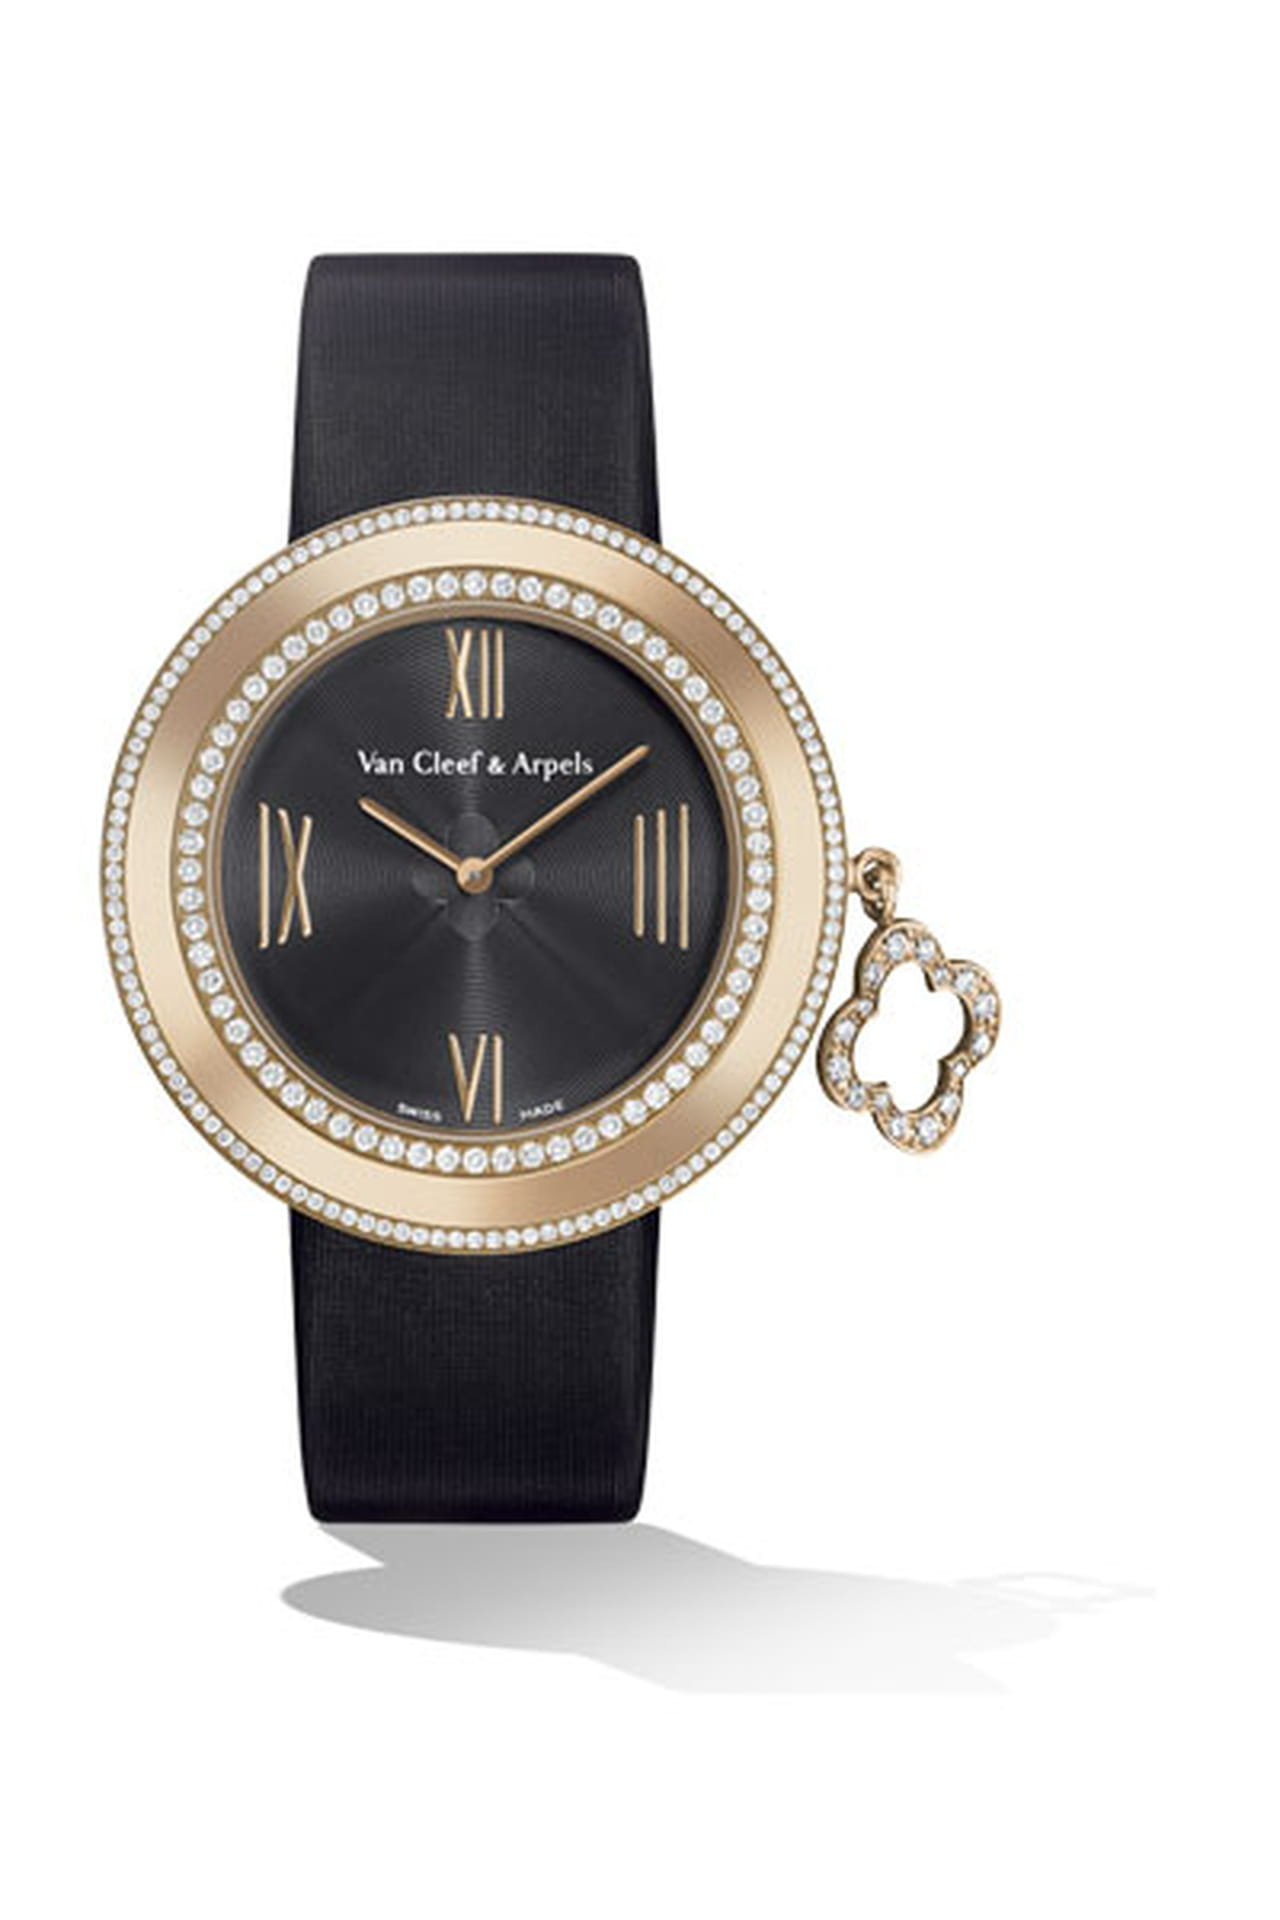 ساعة فان كليف